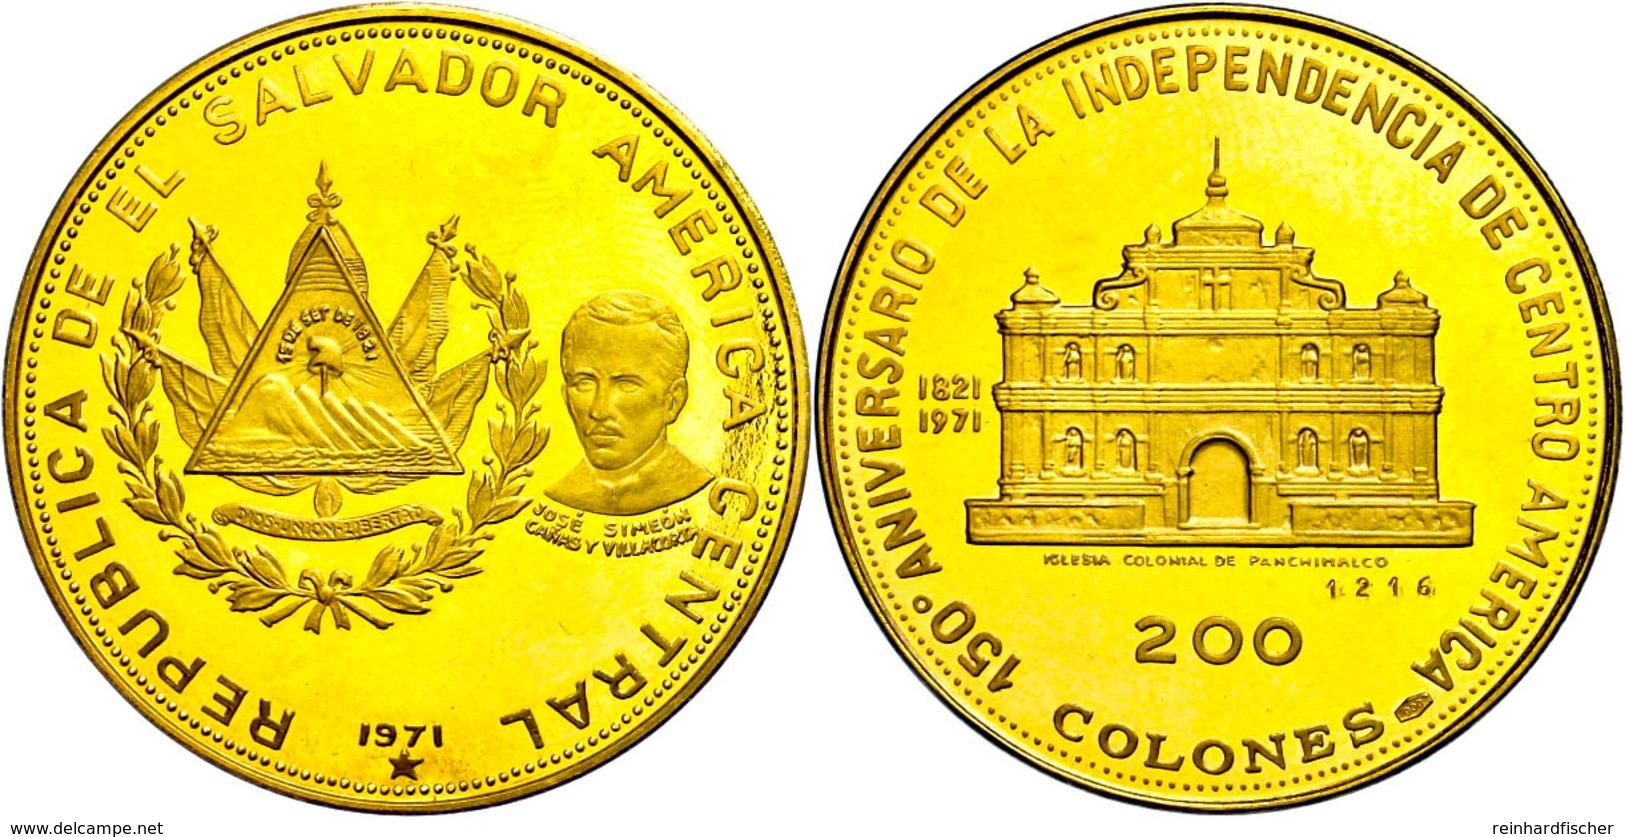 200 Colones, Gold, 1971, 150 Jahre Unabhängigkeit, Panchimalco Kirche, Fb. 6, Eingepunzte Nummer 1216, Fingerabdrücke, P - Sonstige – Amerika